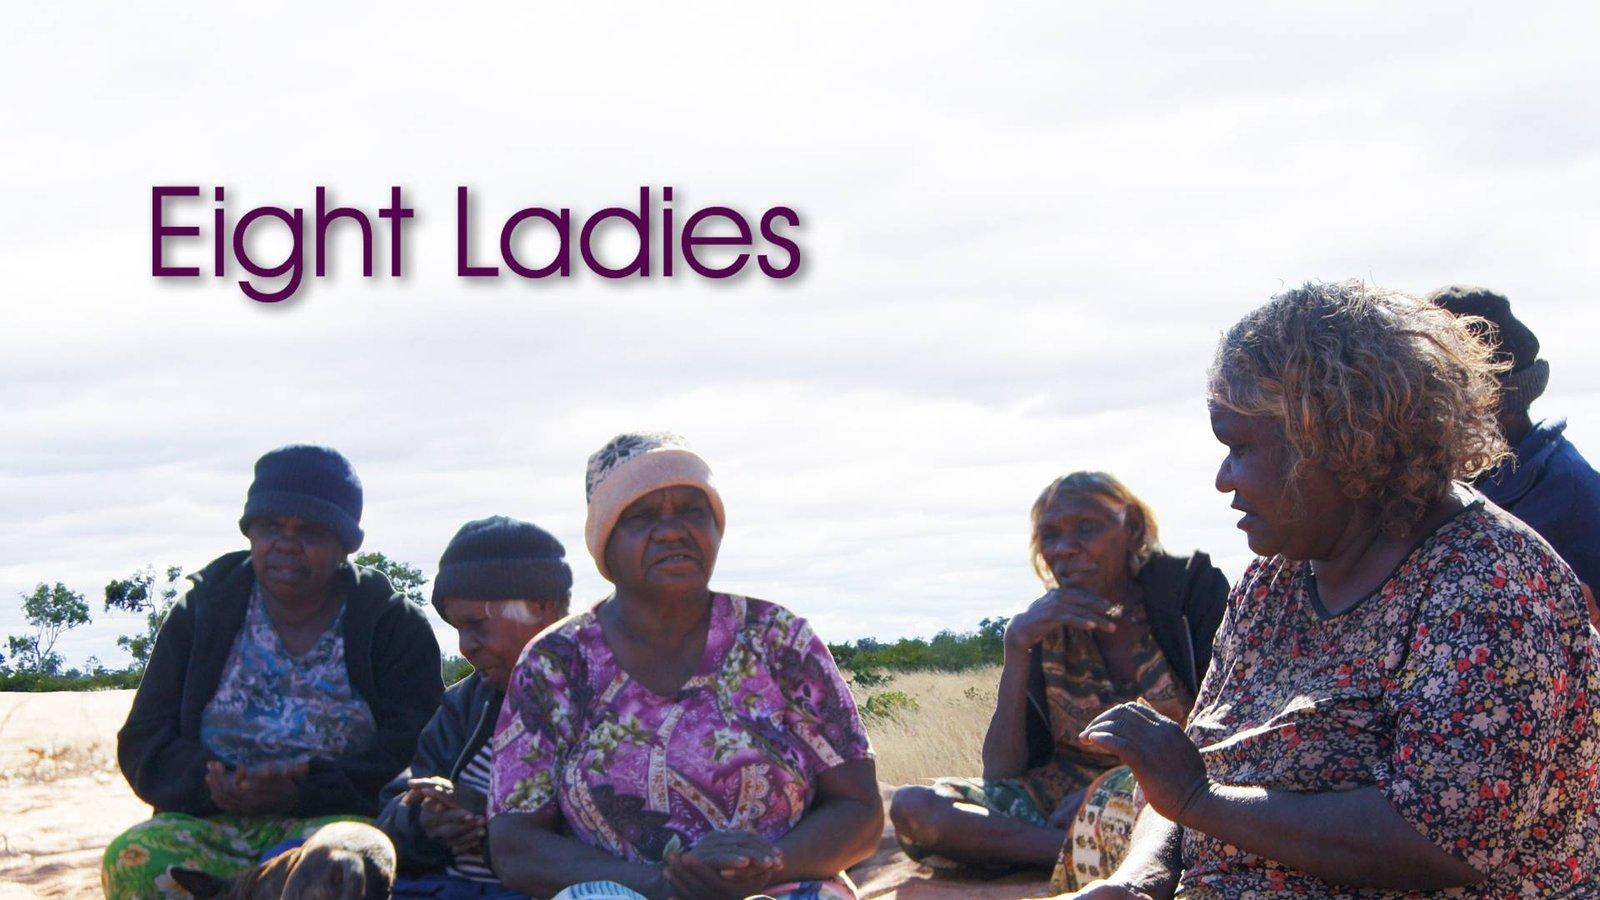 Eight Ladies